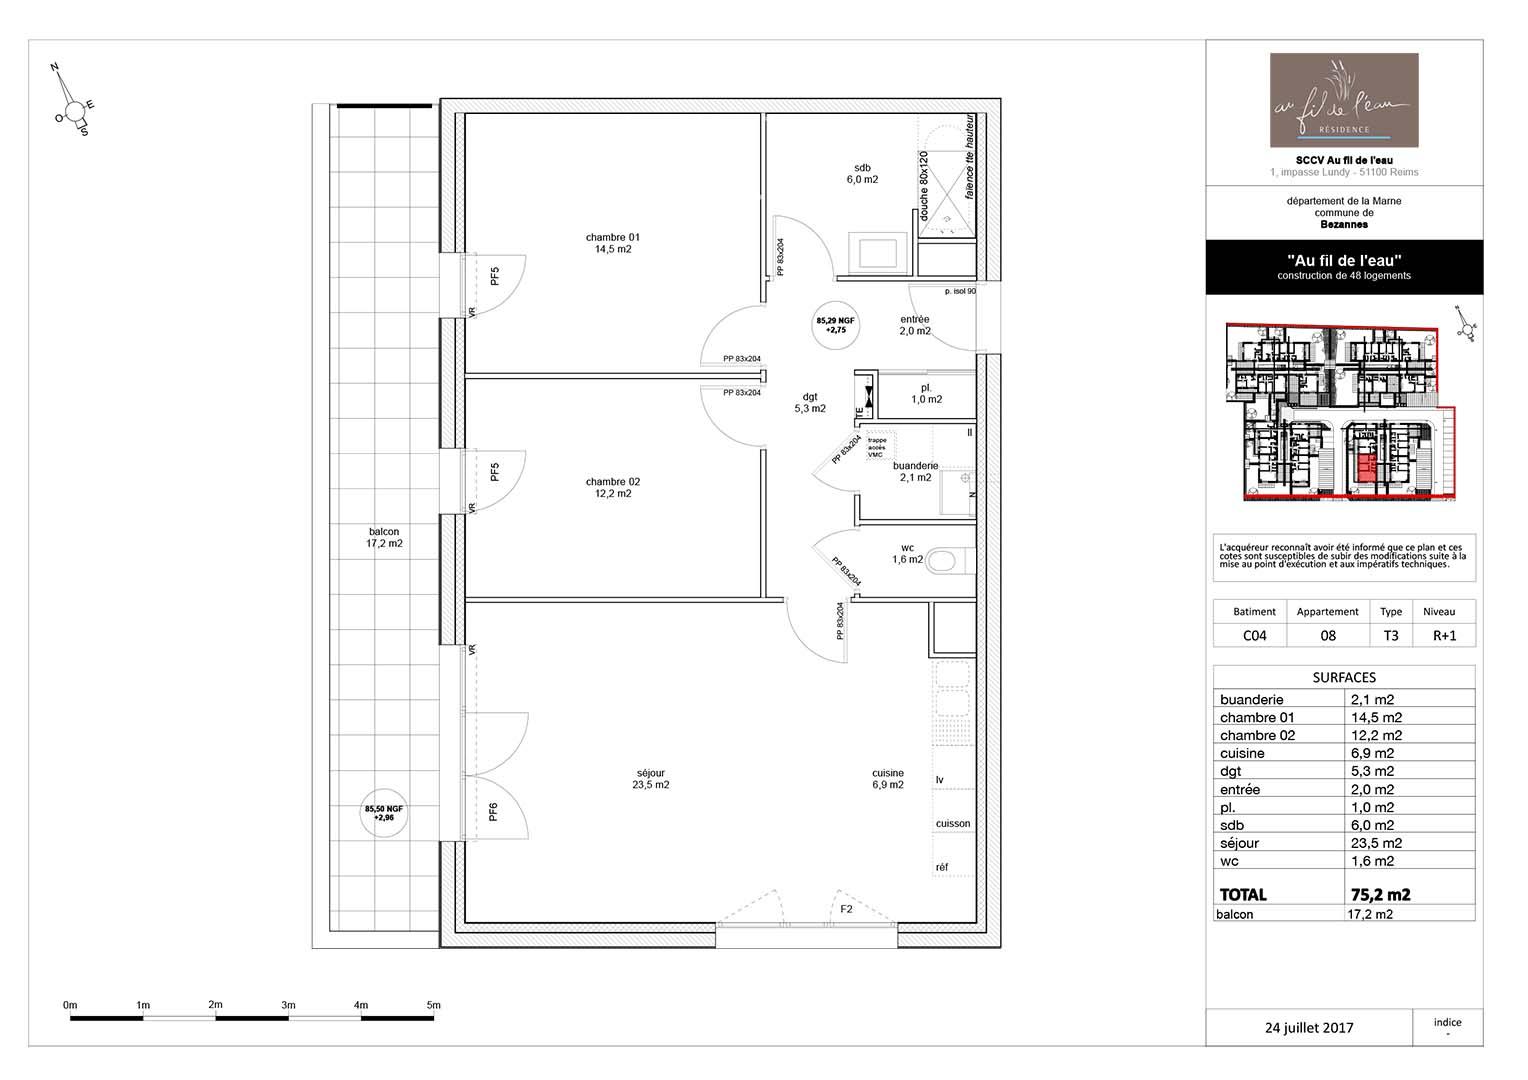 appartement C04-08 de type T3